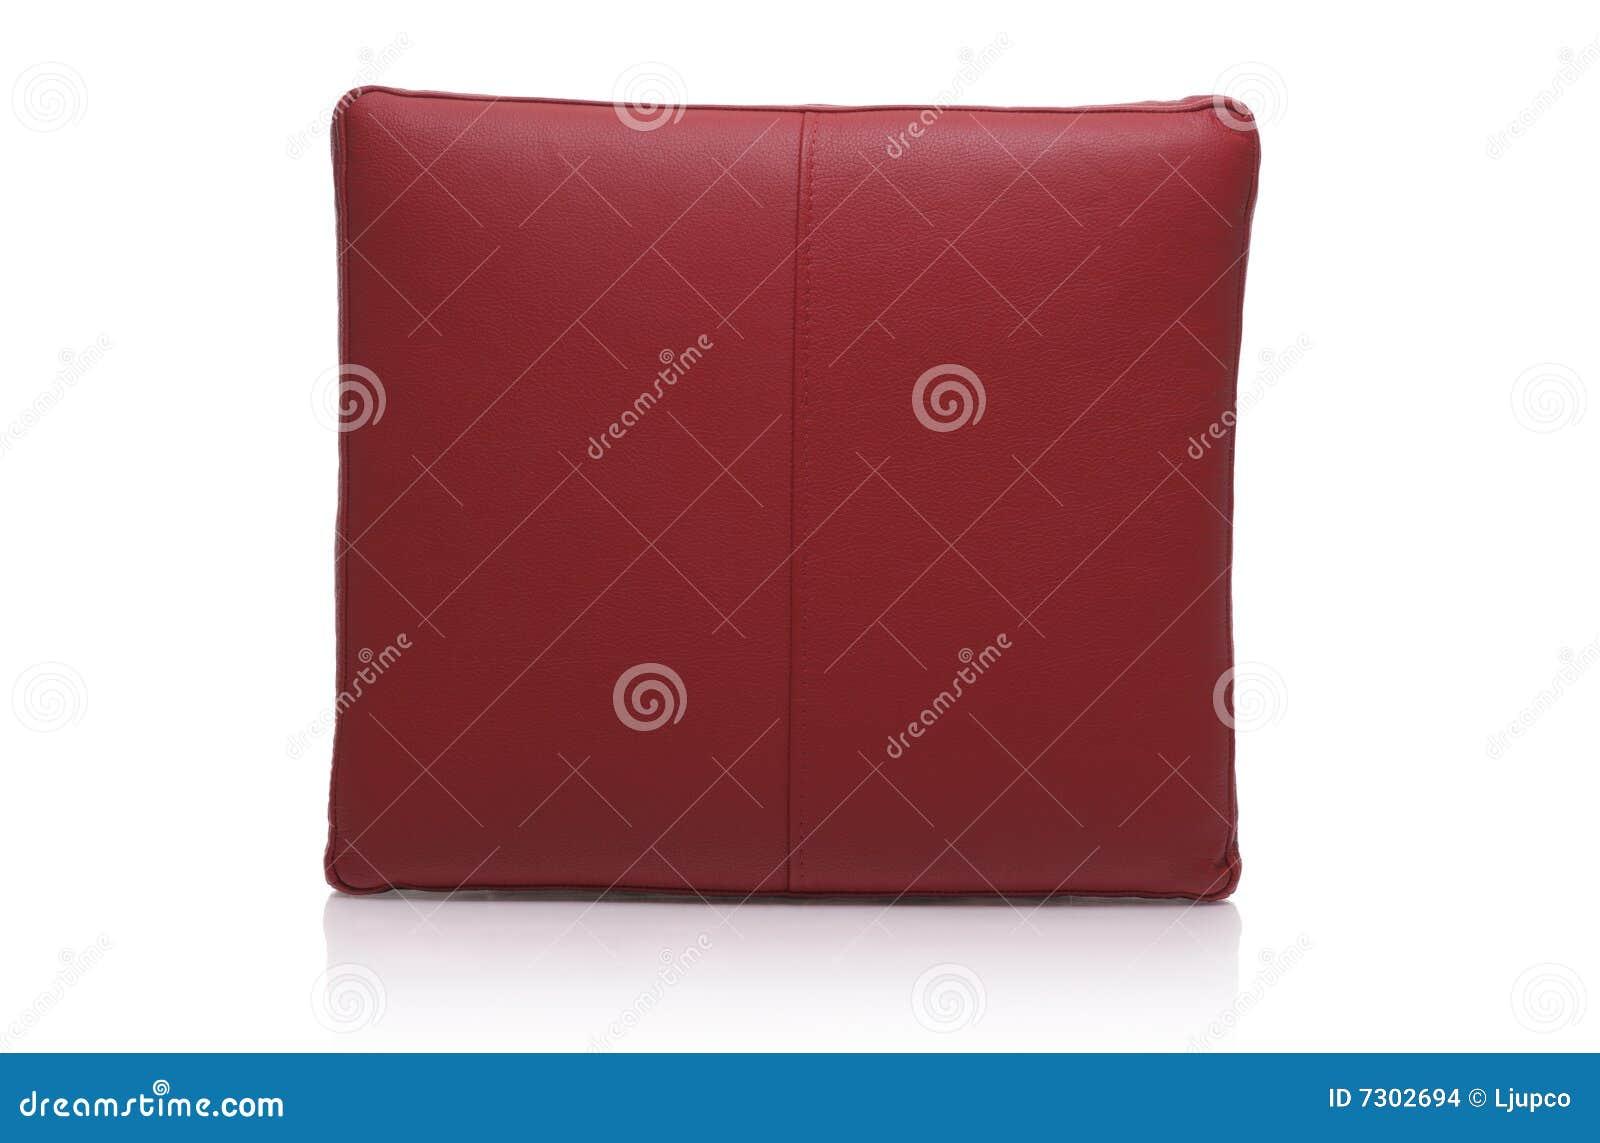 Cuscino di cuoio rosso